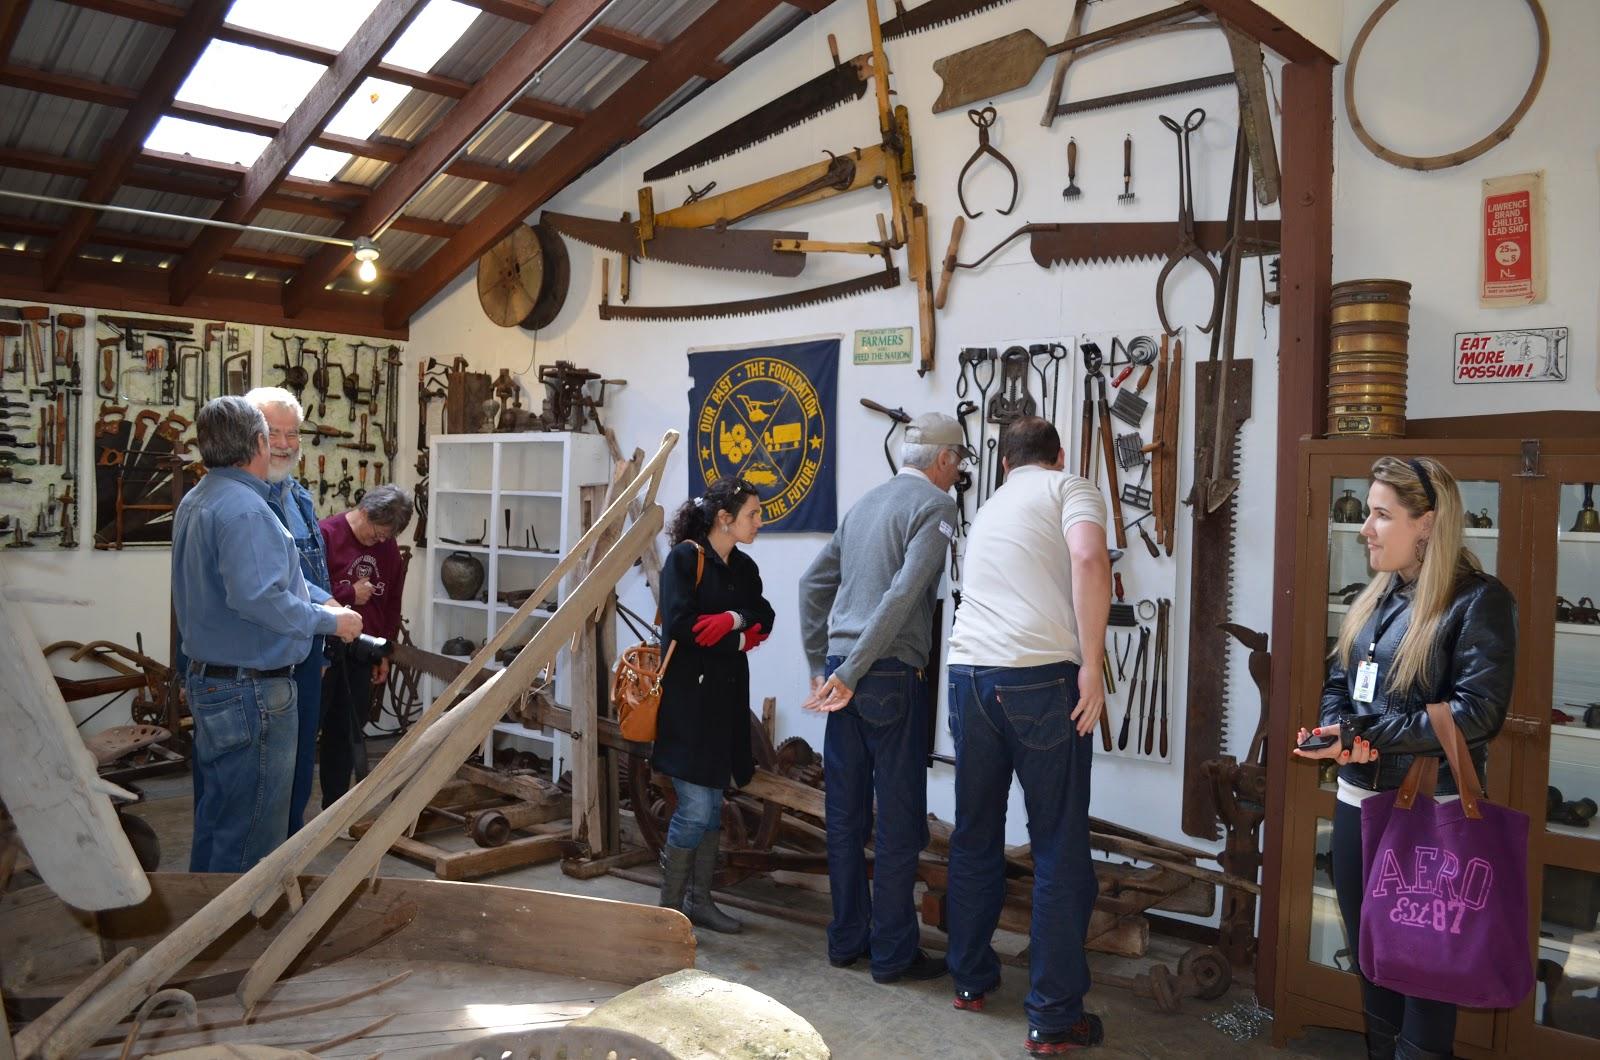 Inúmeras peças e ferramentas antigas de carpintaria marcenaria  #6B356F 1600x1060